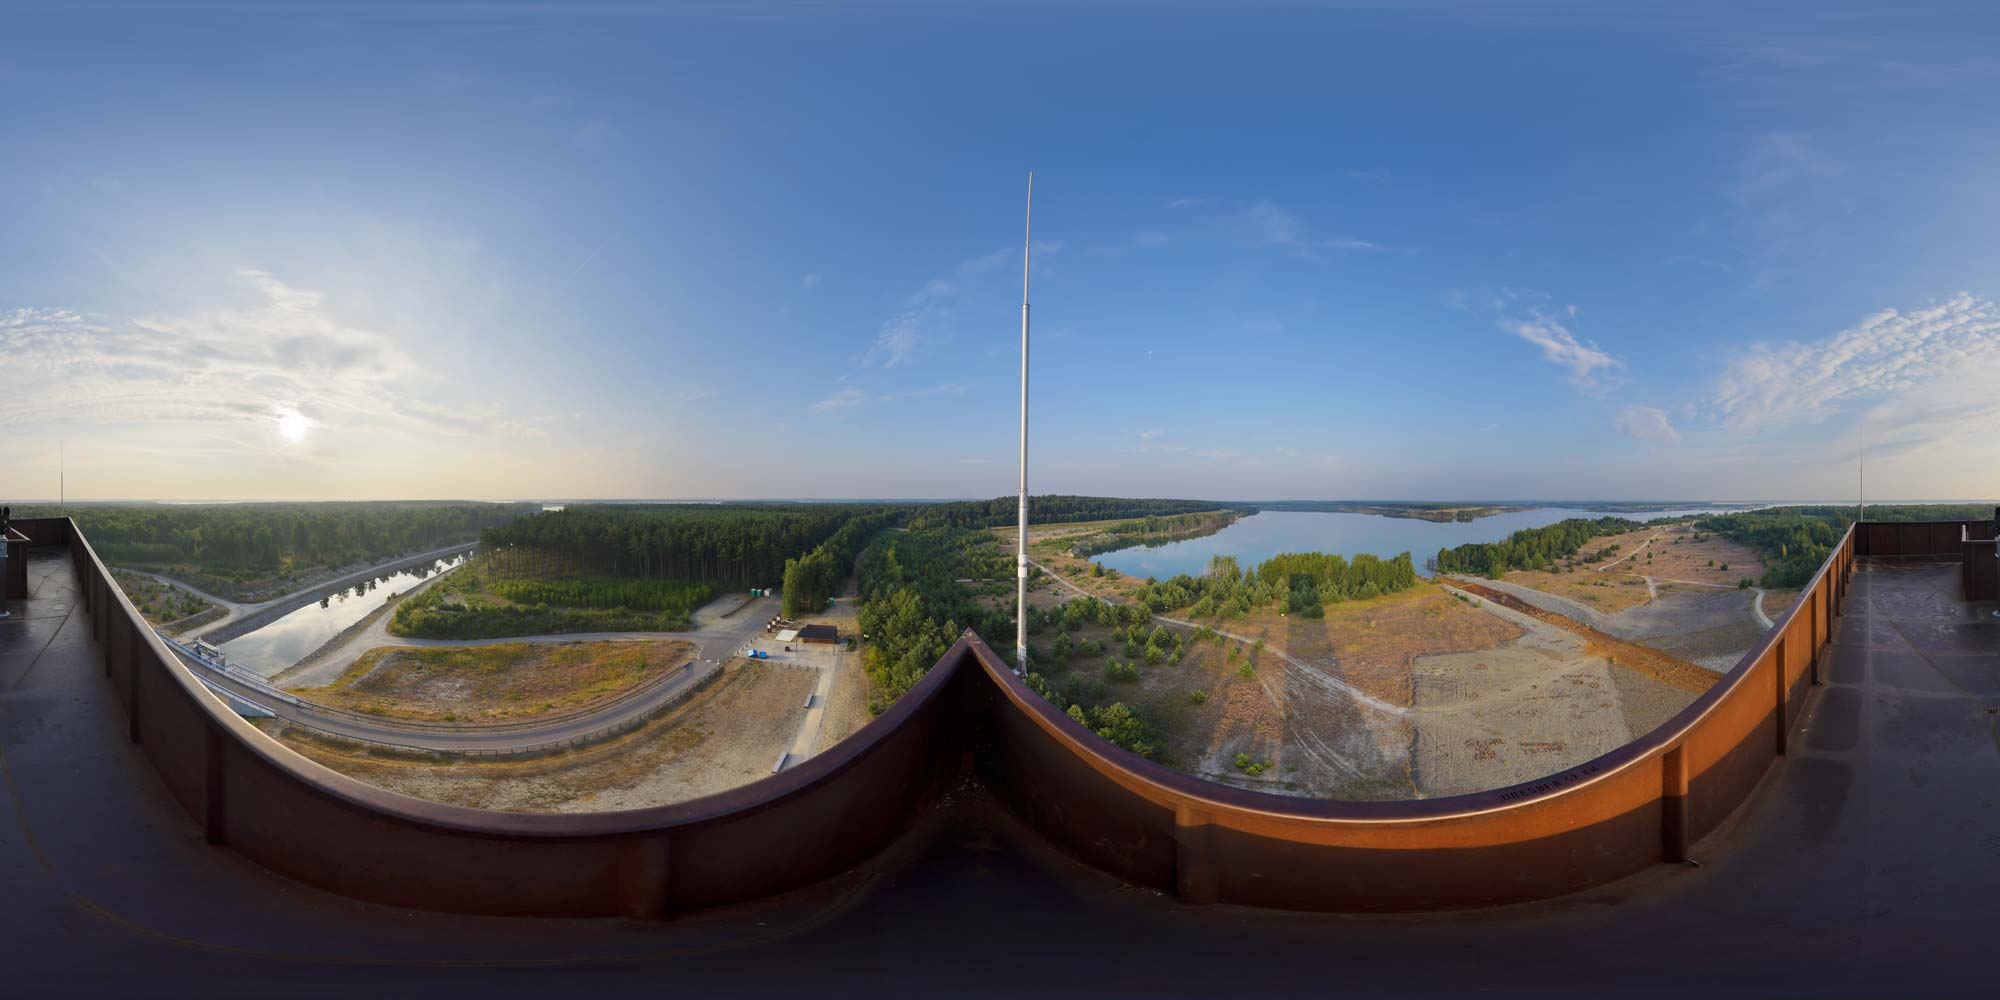 Kubische Panoramen - Panorama-Foto: Sedlitzer See - Landmarke ...